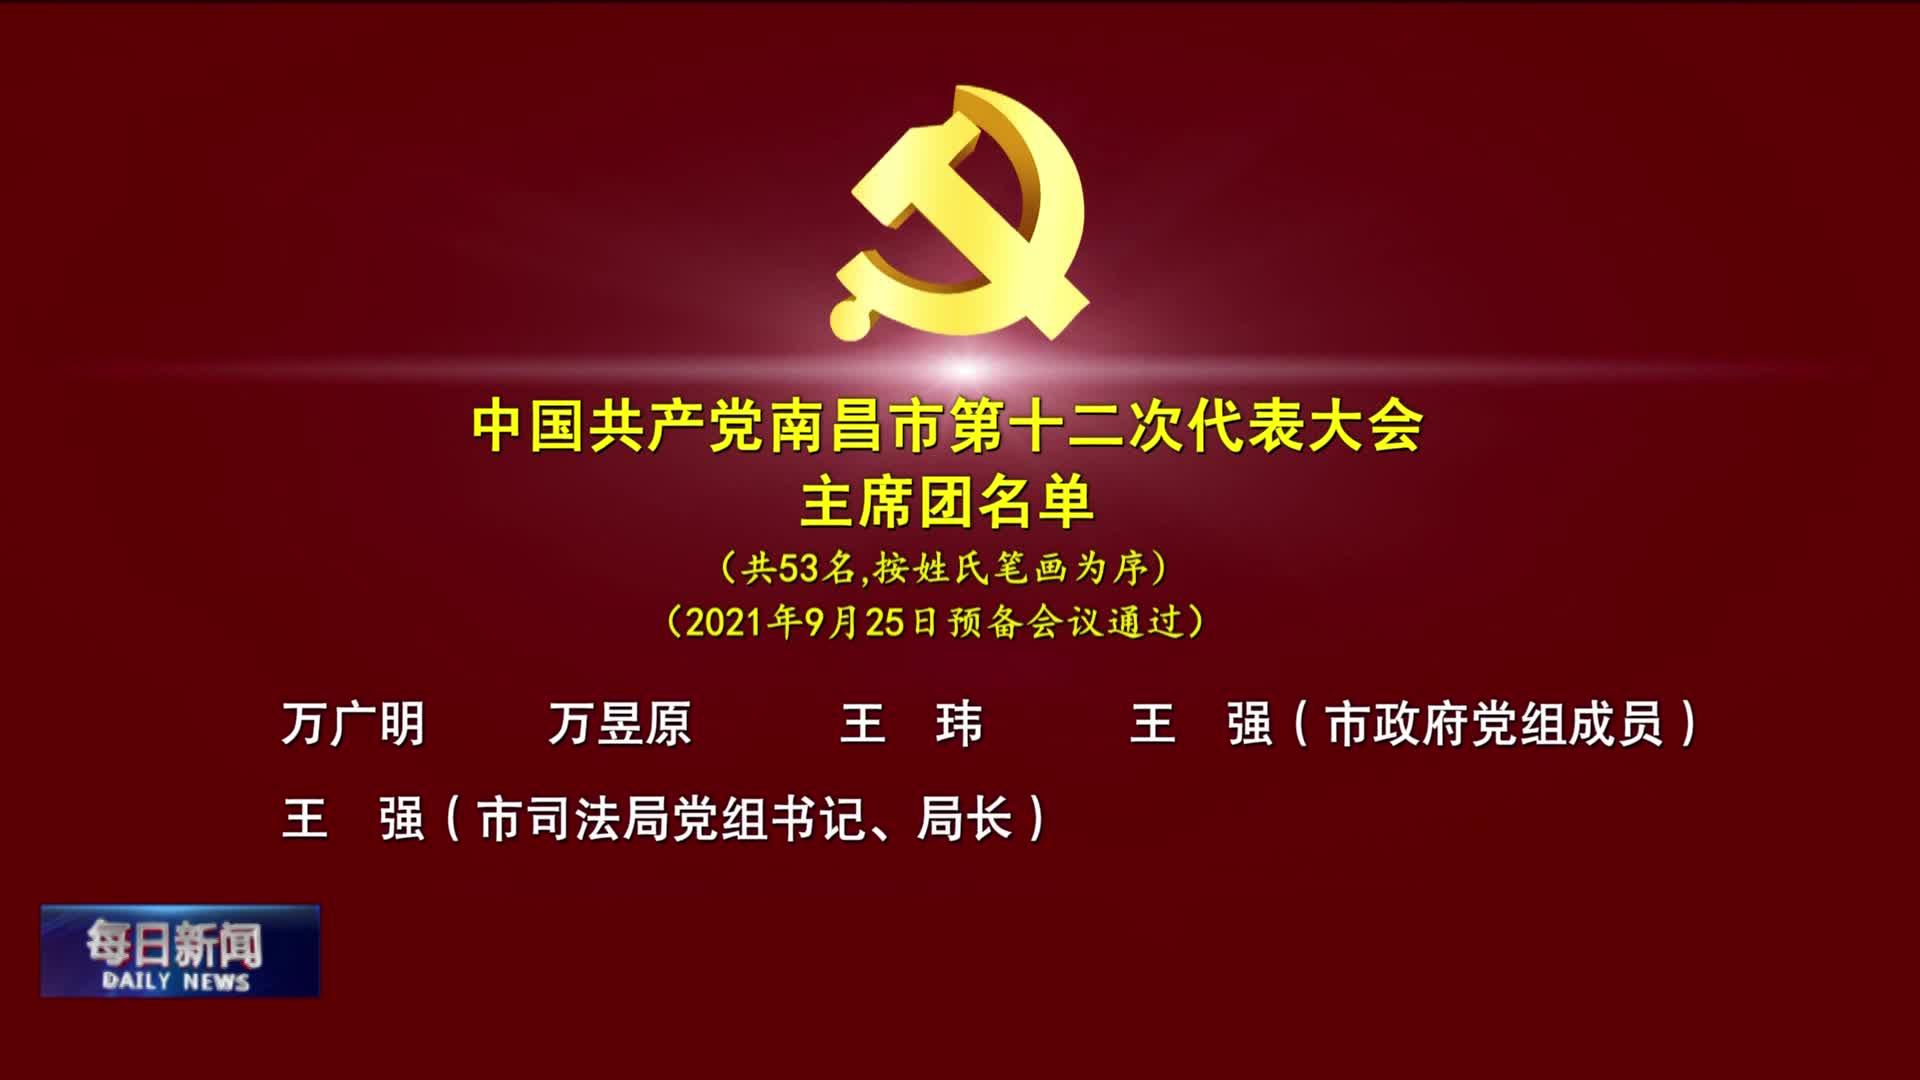 中国共产党南昌市第十二次代表大会主席团名单